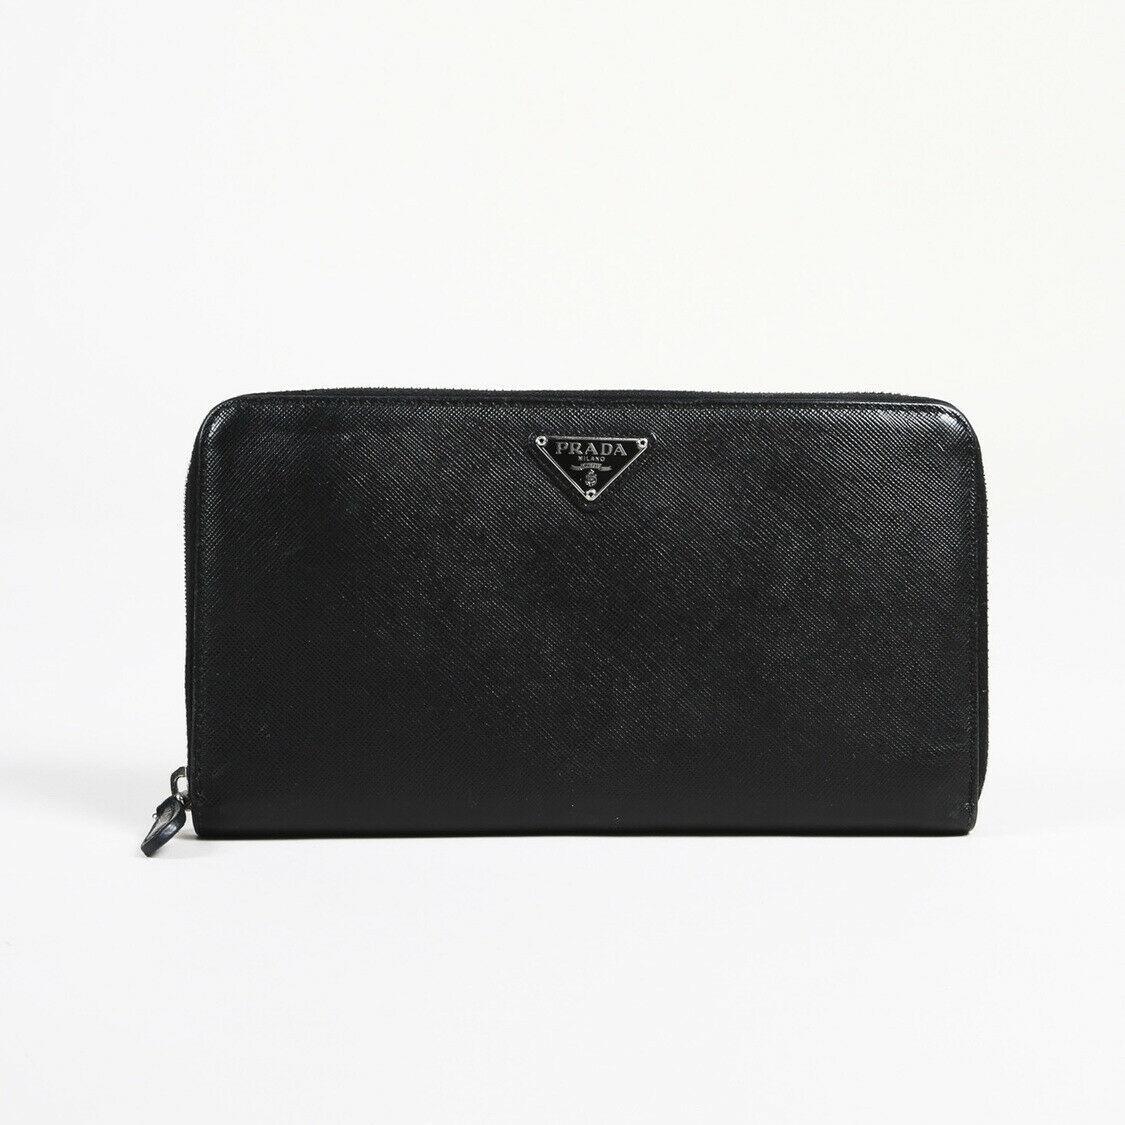 dde1233be2e8 Prada Saffiano Leather